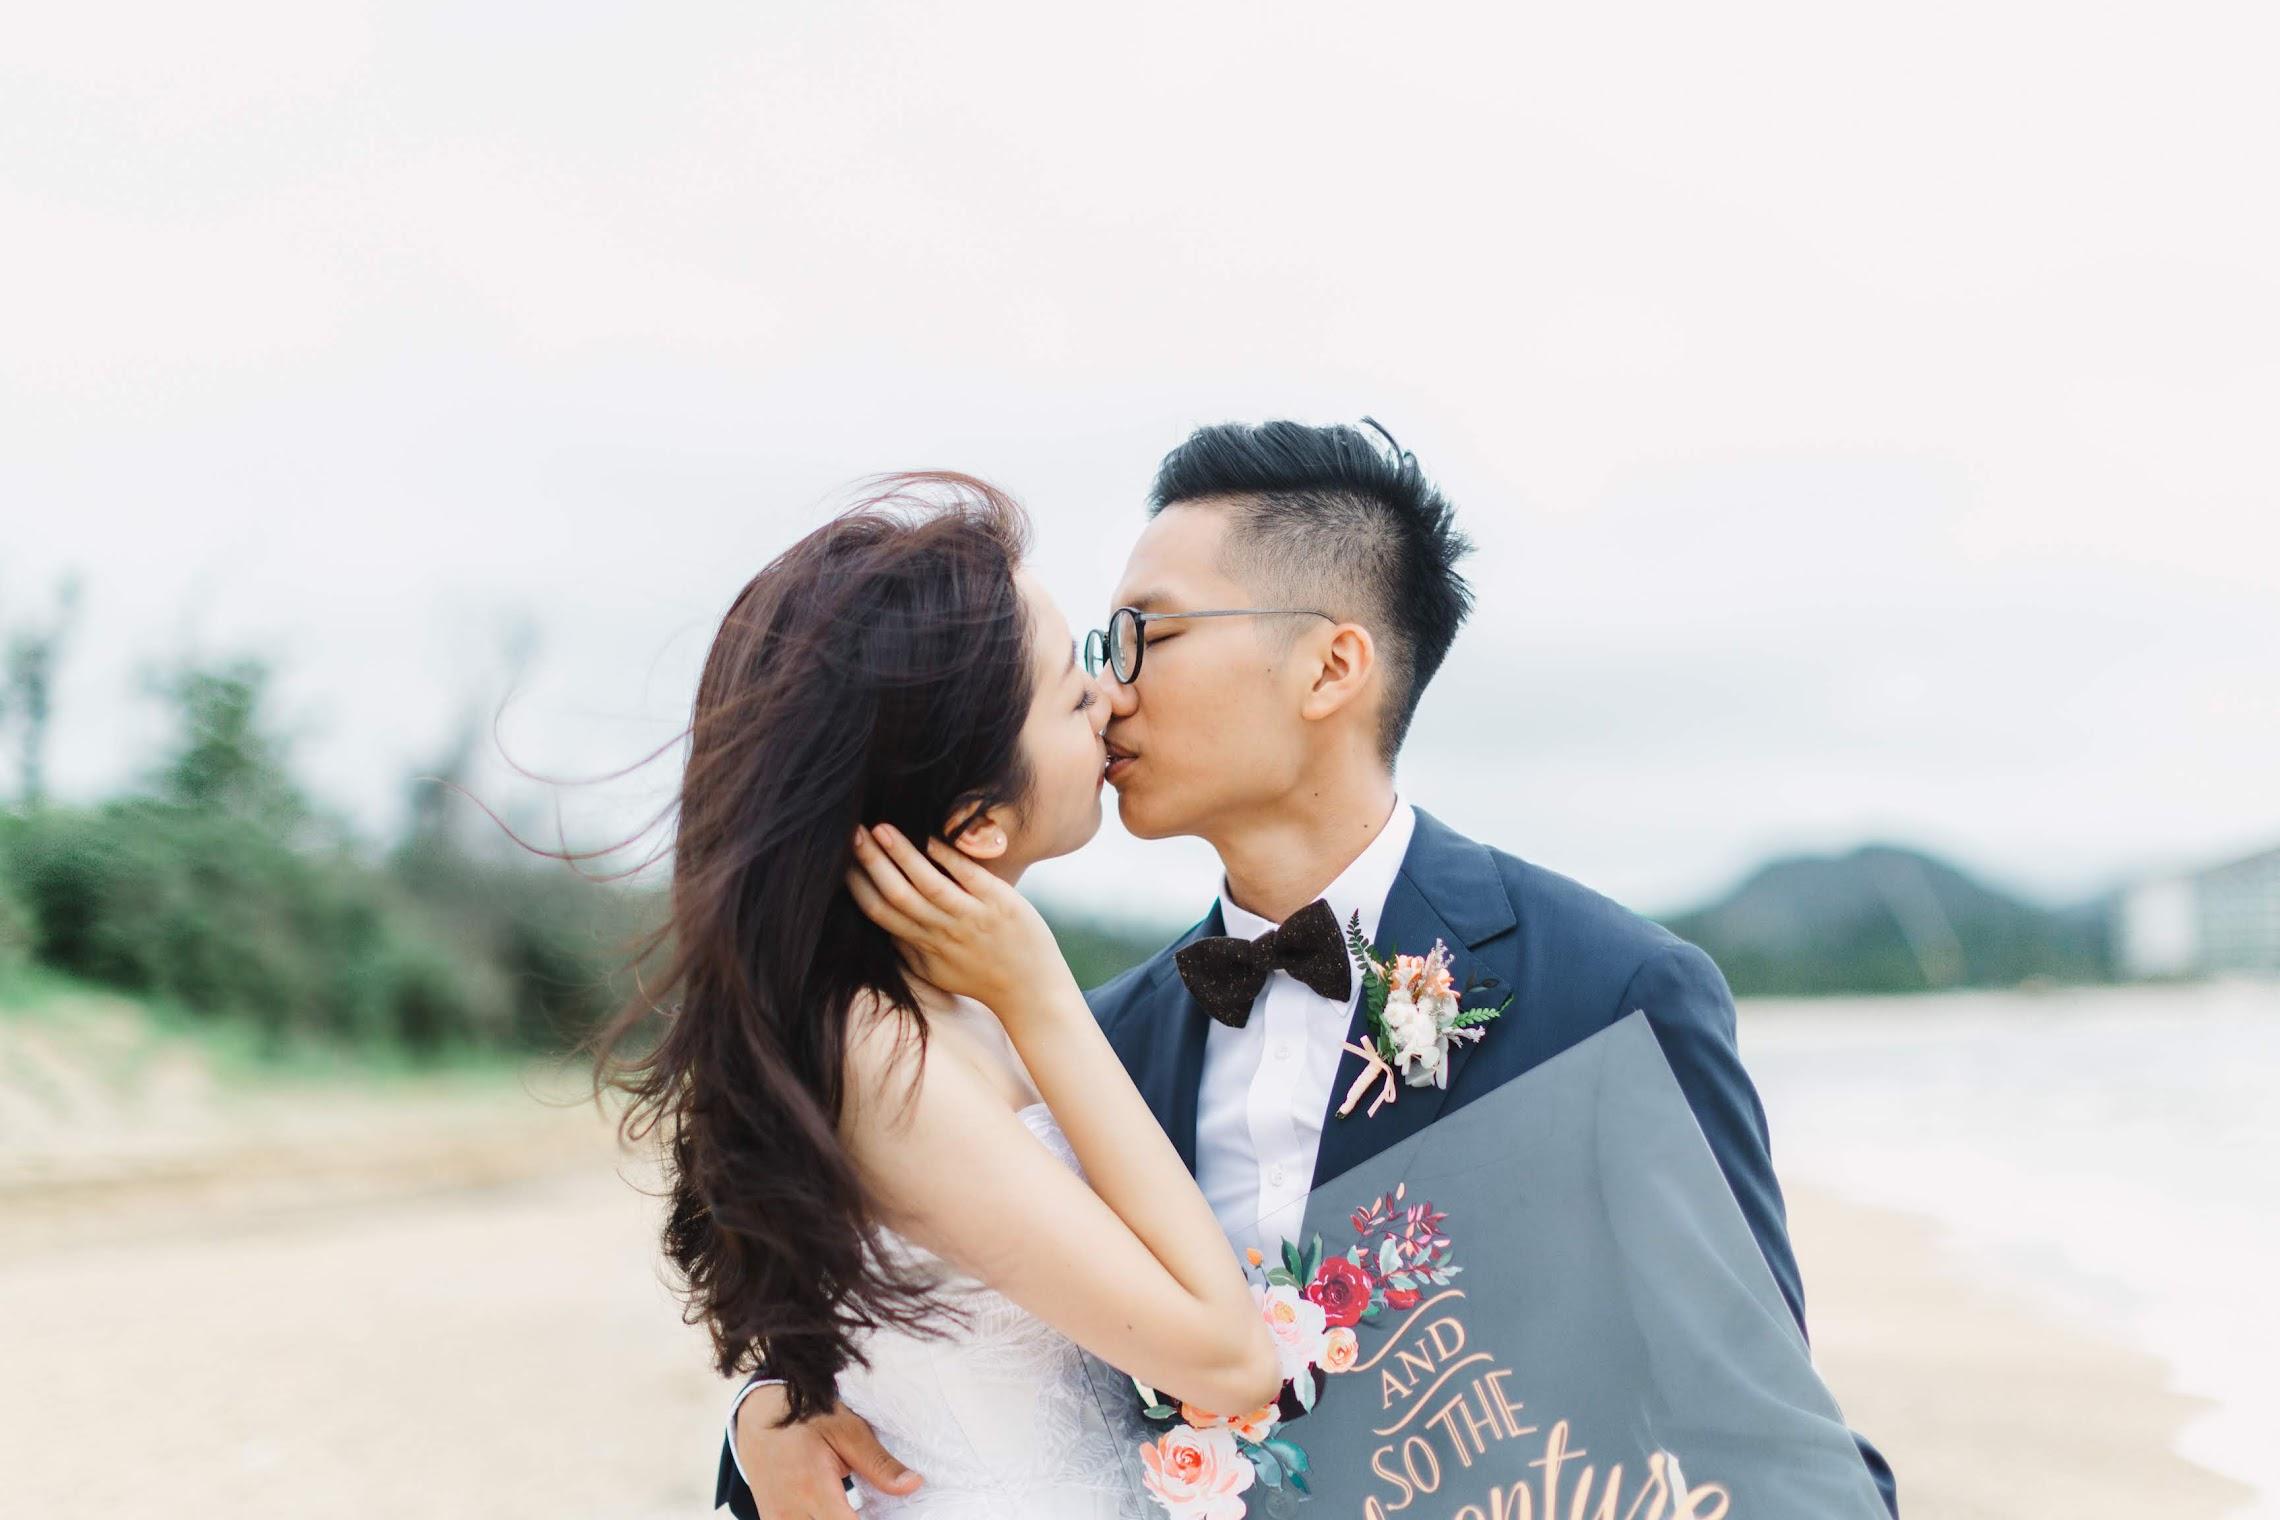 沖繩萬豪溫泉渡假酒店婚禮 -海外婚禮-沖繩婚禮-教堂婚禮-教堂證婚-日本沖繩-美式婚禮-美式婚禮紀錄-Amazing Grace 攝影美學